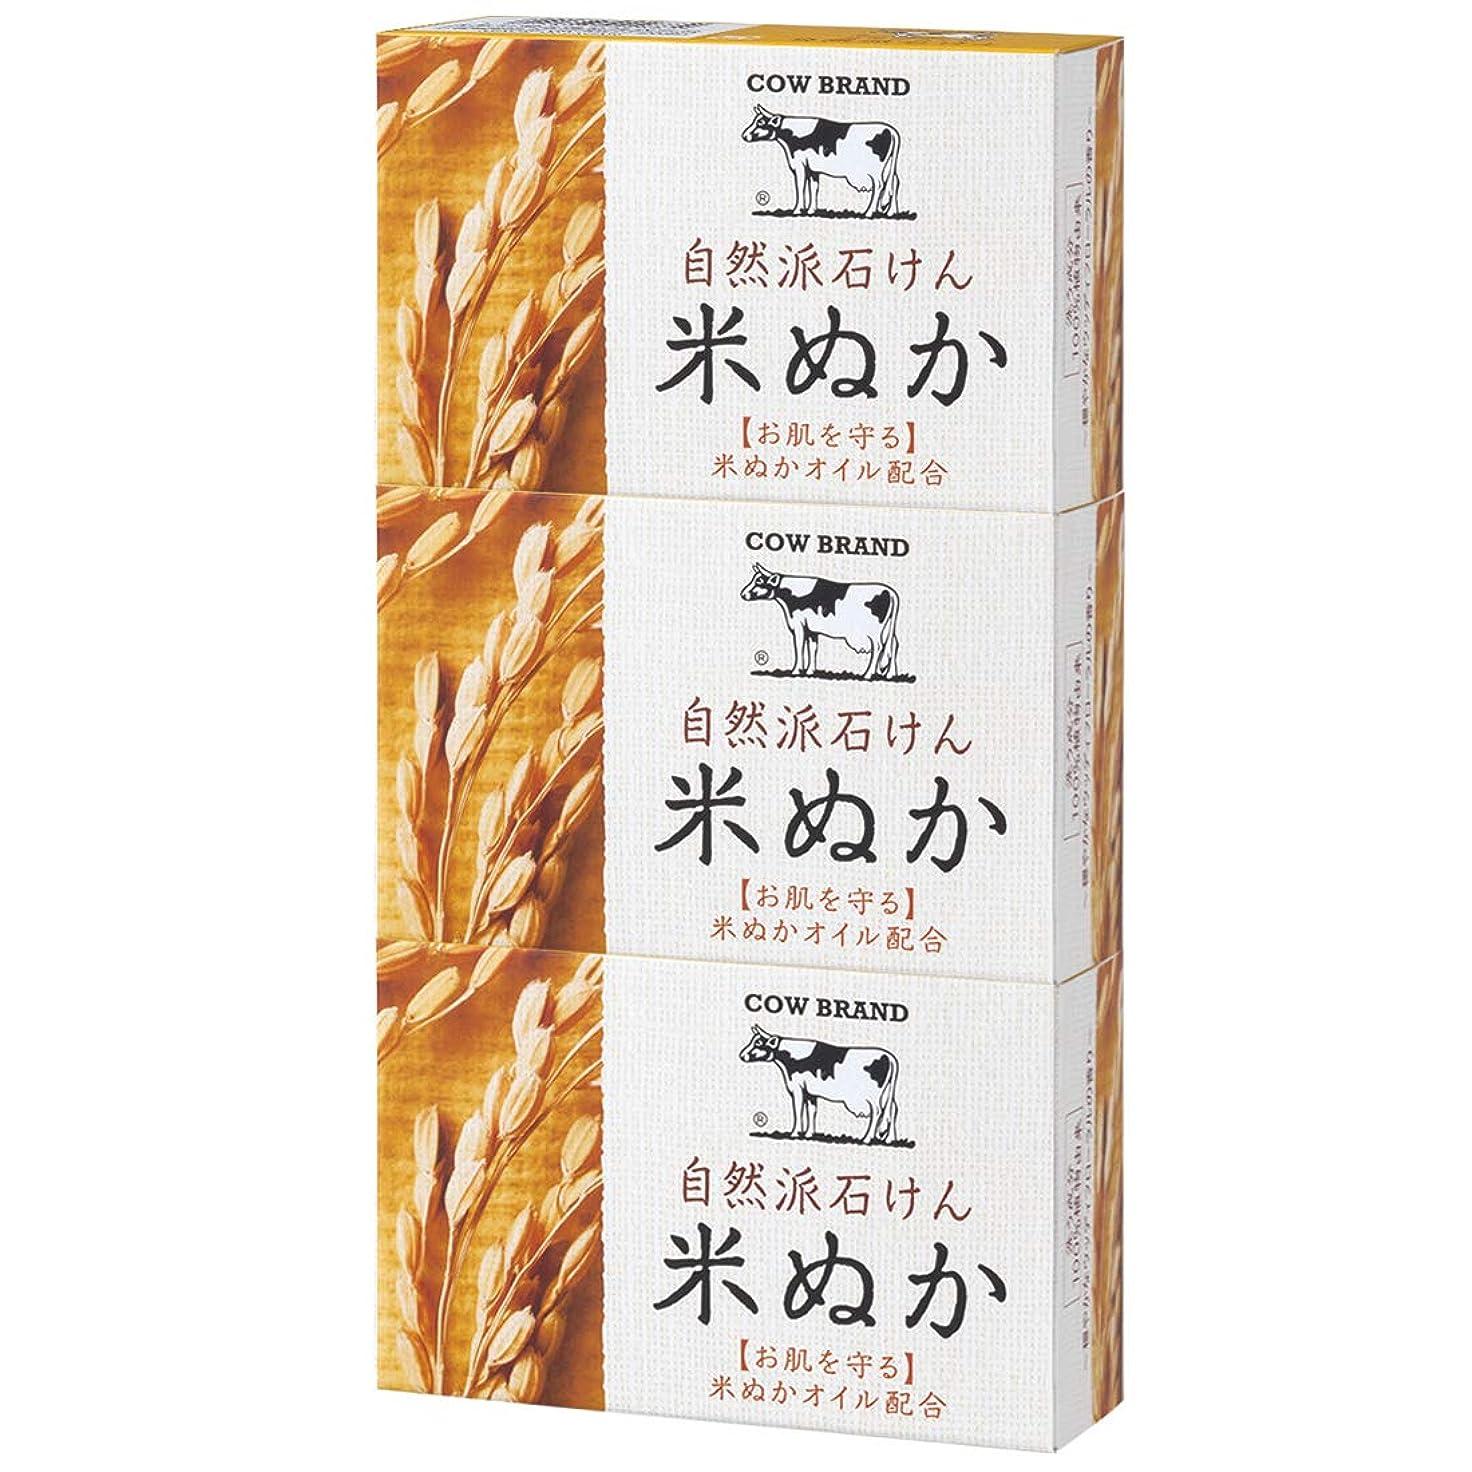 ジュースサイドボード経験者カウブランド 自然派石けん 米ぬか 100g*3個